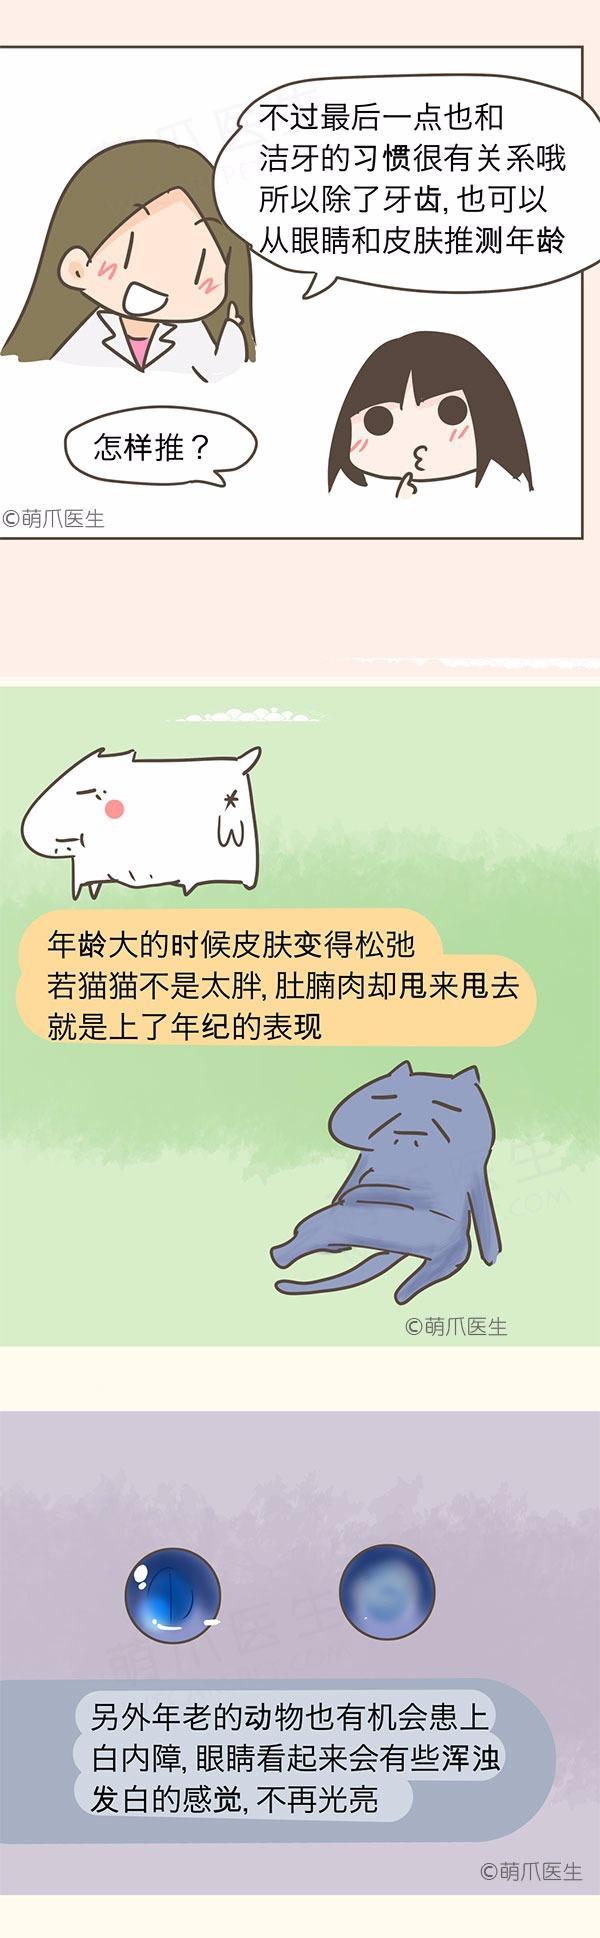 漫画|如何判断猫狗年龄?